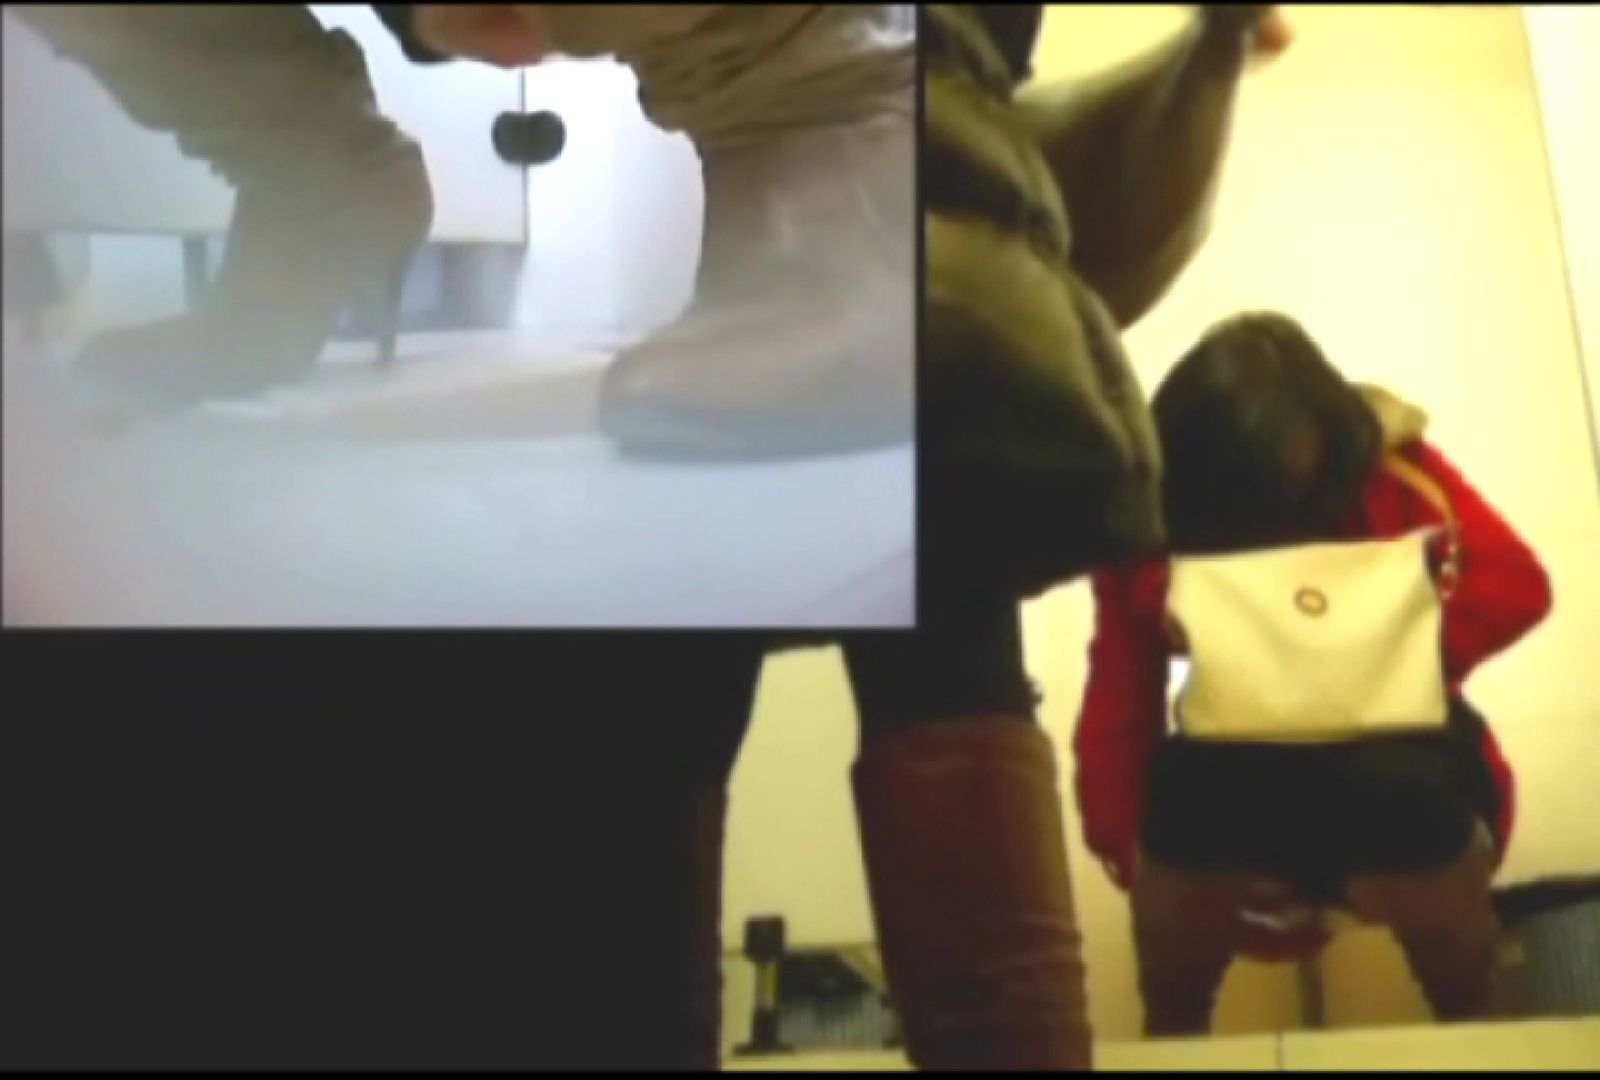 洗面所で暗躍する撮師たちの潜入記Vol.4 和式 われめAV動画紹介 104画像 24